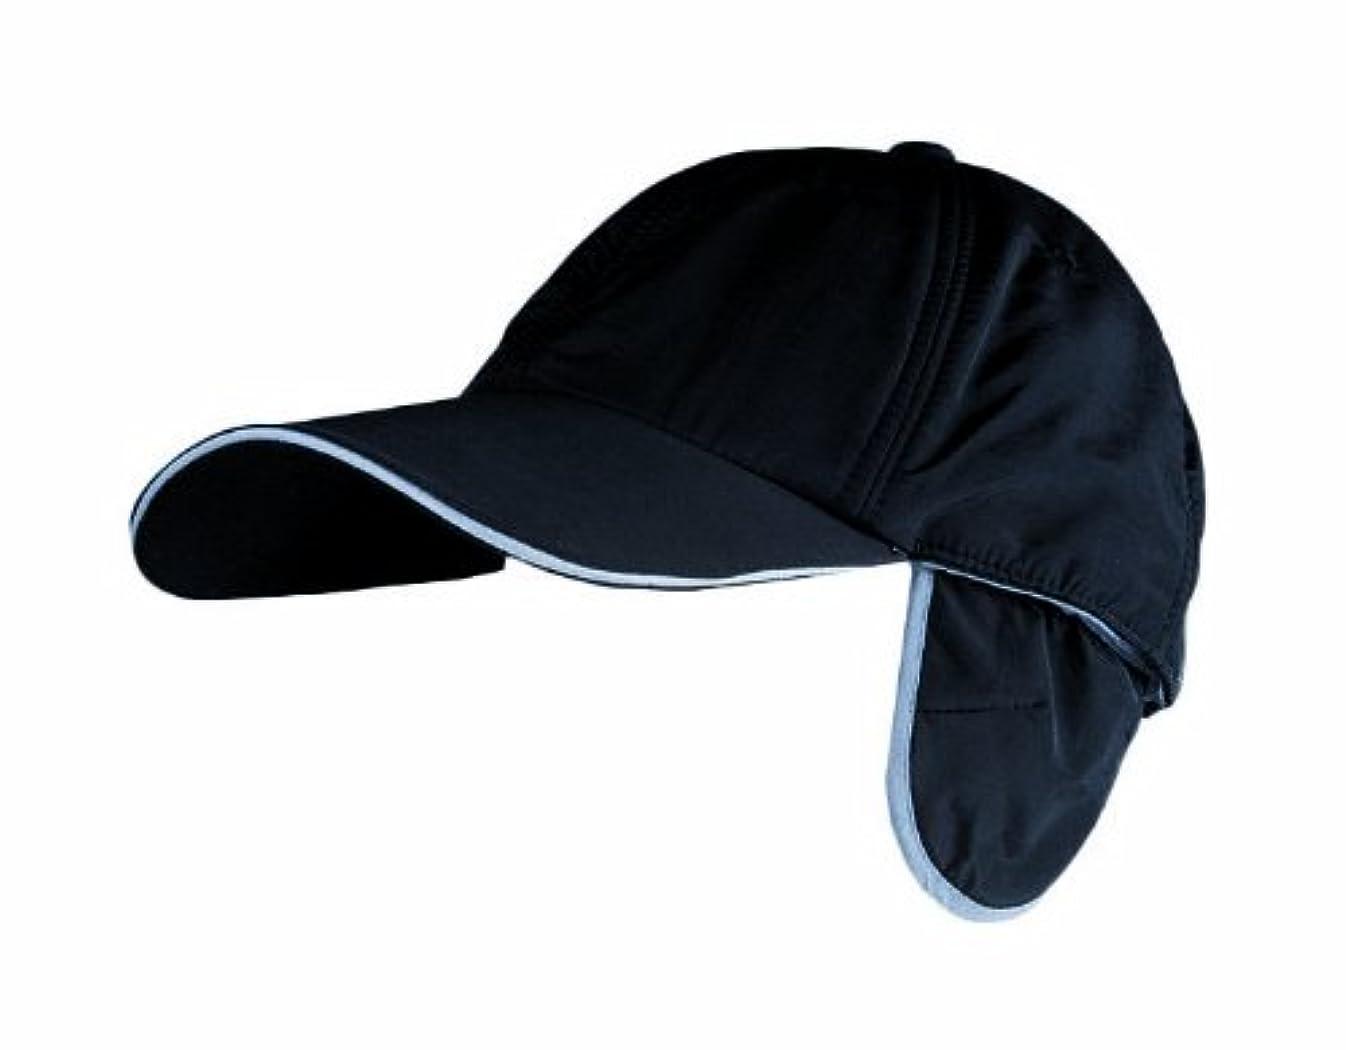 川西工業 ナイロン防寒キャップ耳付 ブラック フリー 7001